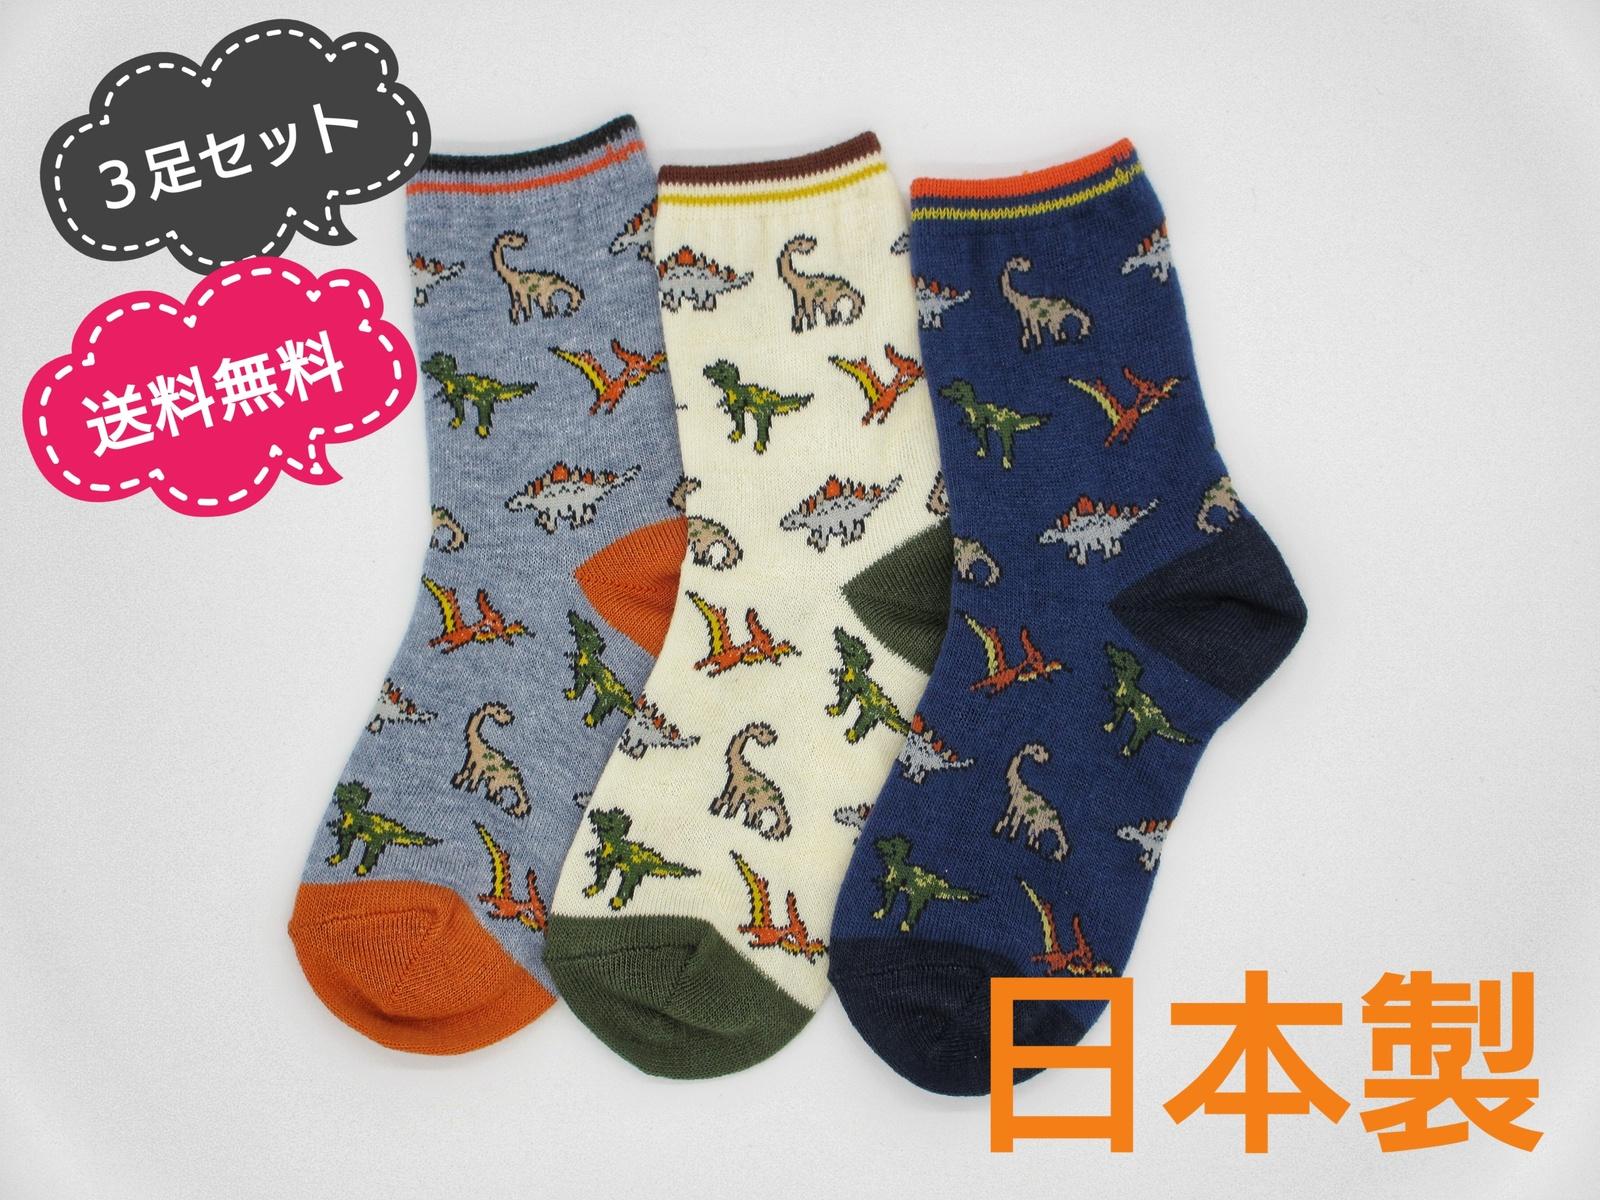 ヤマモトソックス 日本製 3足セット 送料無料 子供 靴下 キッズ 中古 男の子 16~18cm 安心の実績 高価 買取 強化中 子供用靴下 恐竜柄クルーソックス16~18cm 恐竜柄クルーソックス 19~22cm